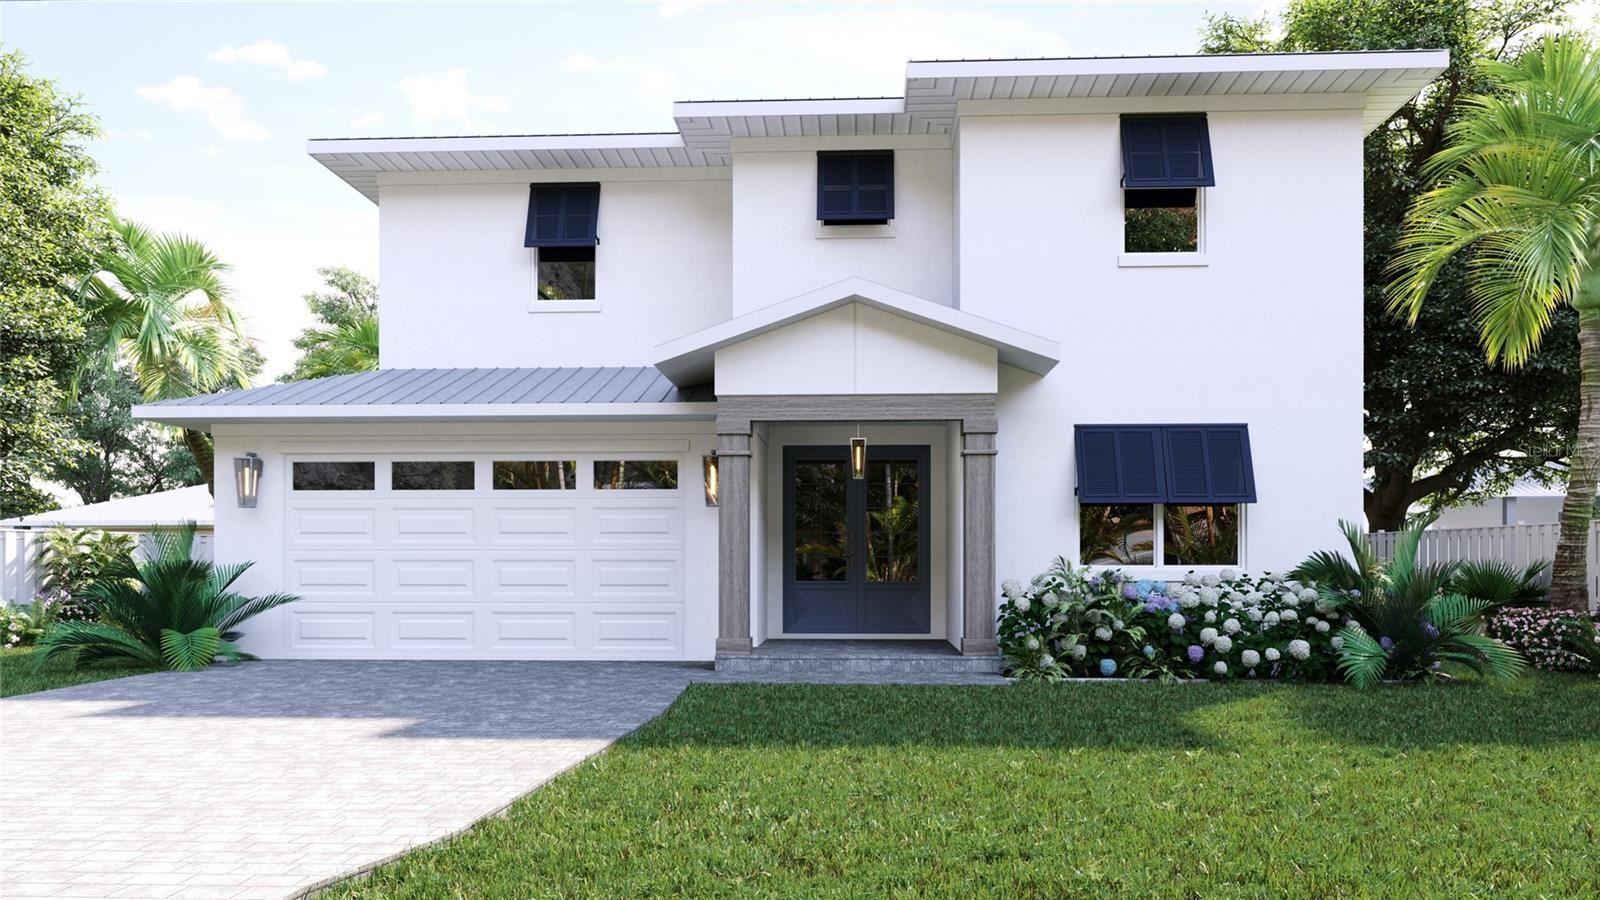 2330 MIETAW DRIVE, Sarasota, FL 34239 - #: A4510517